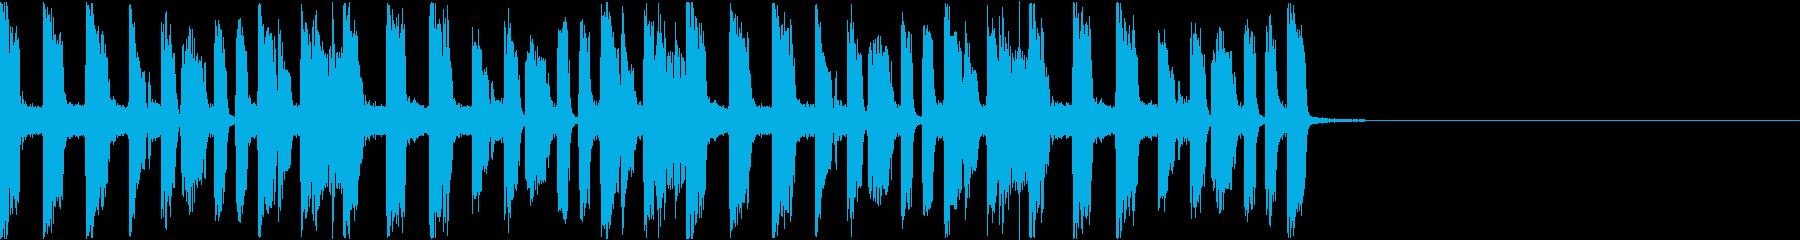 かっこいいファンクギターのジングル1の再生済みの波形